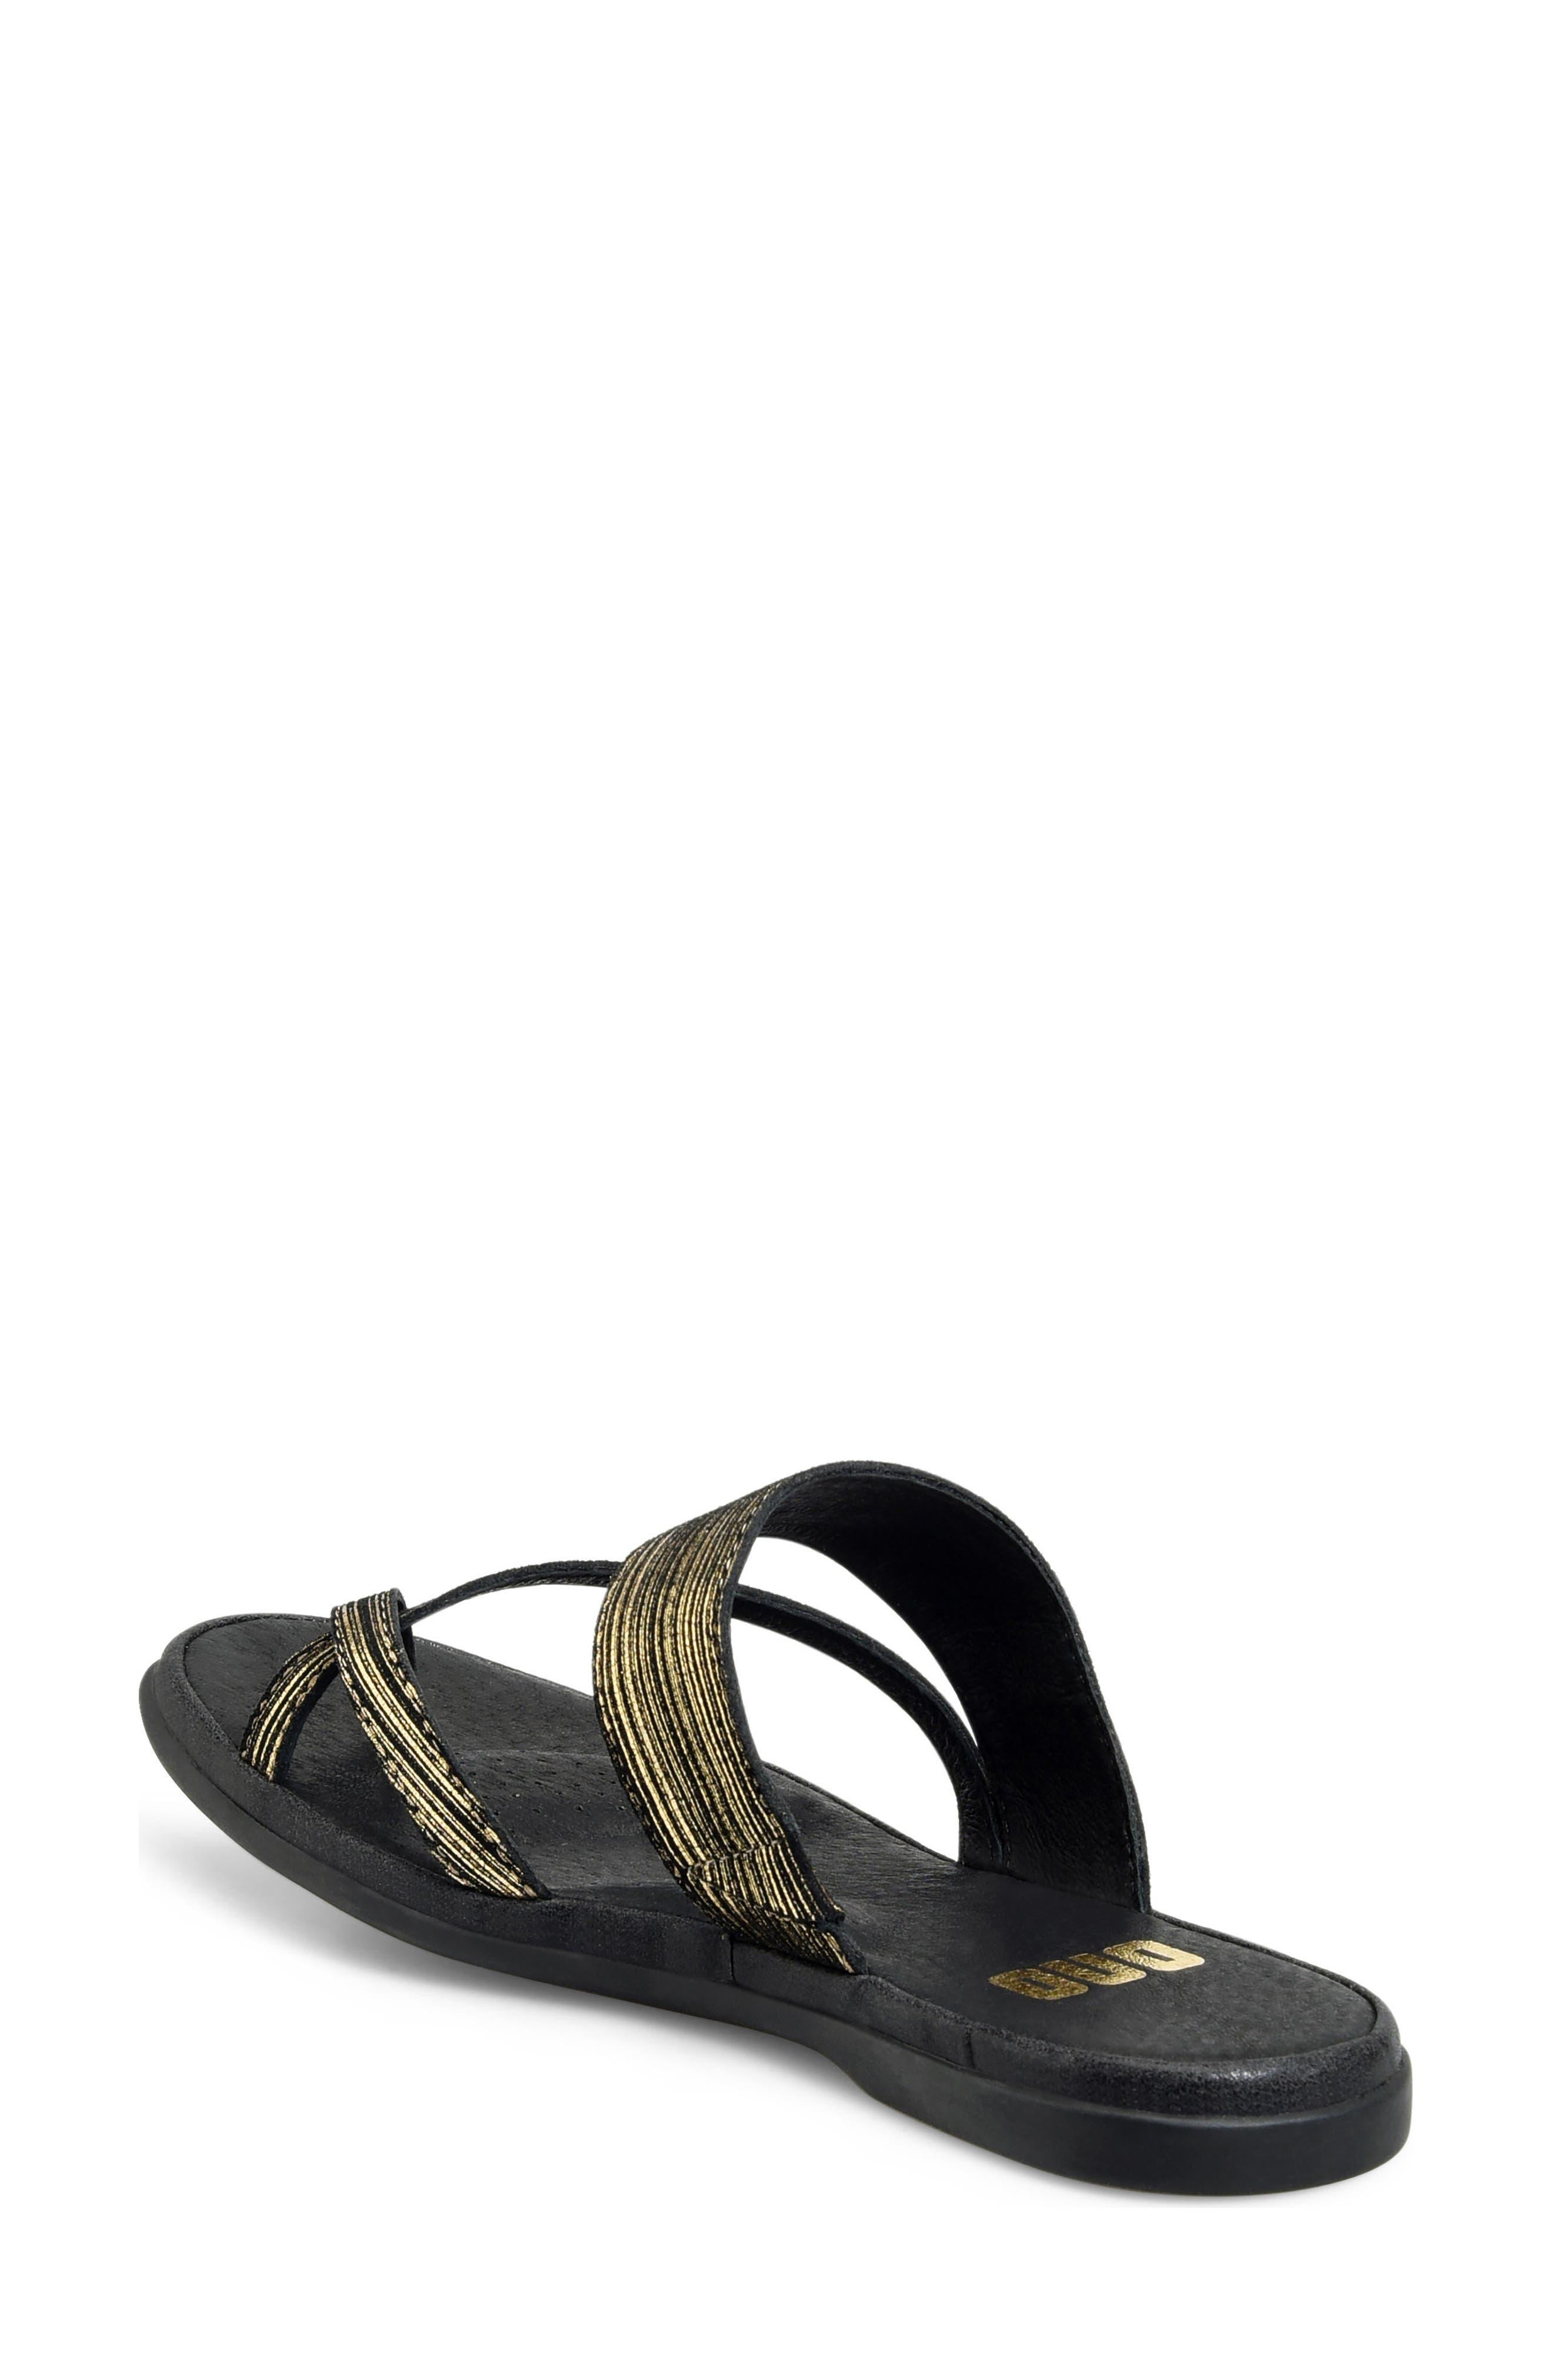 Kia Sandal,                             Alternate thumbnail 2, color,                             Black/ Gold Leather